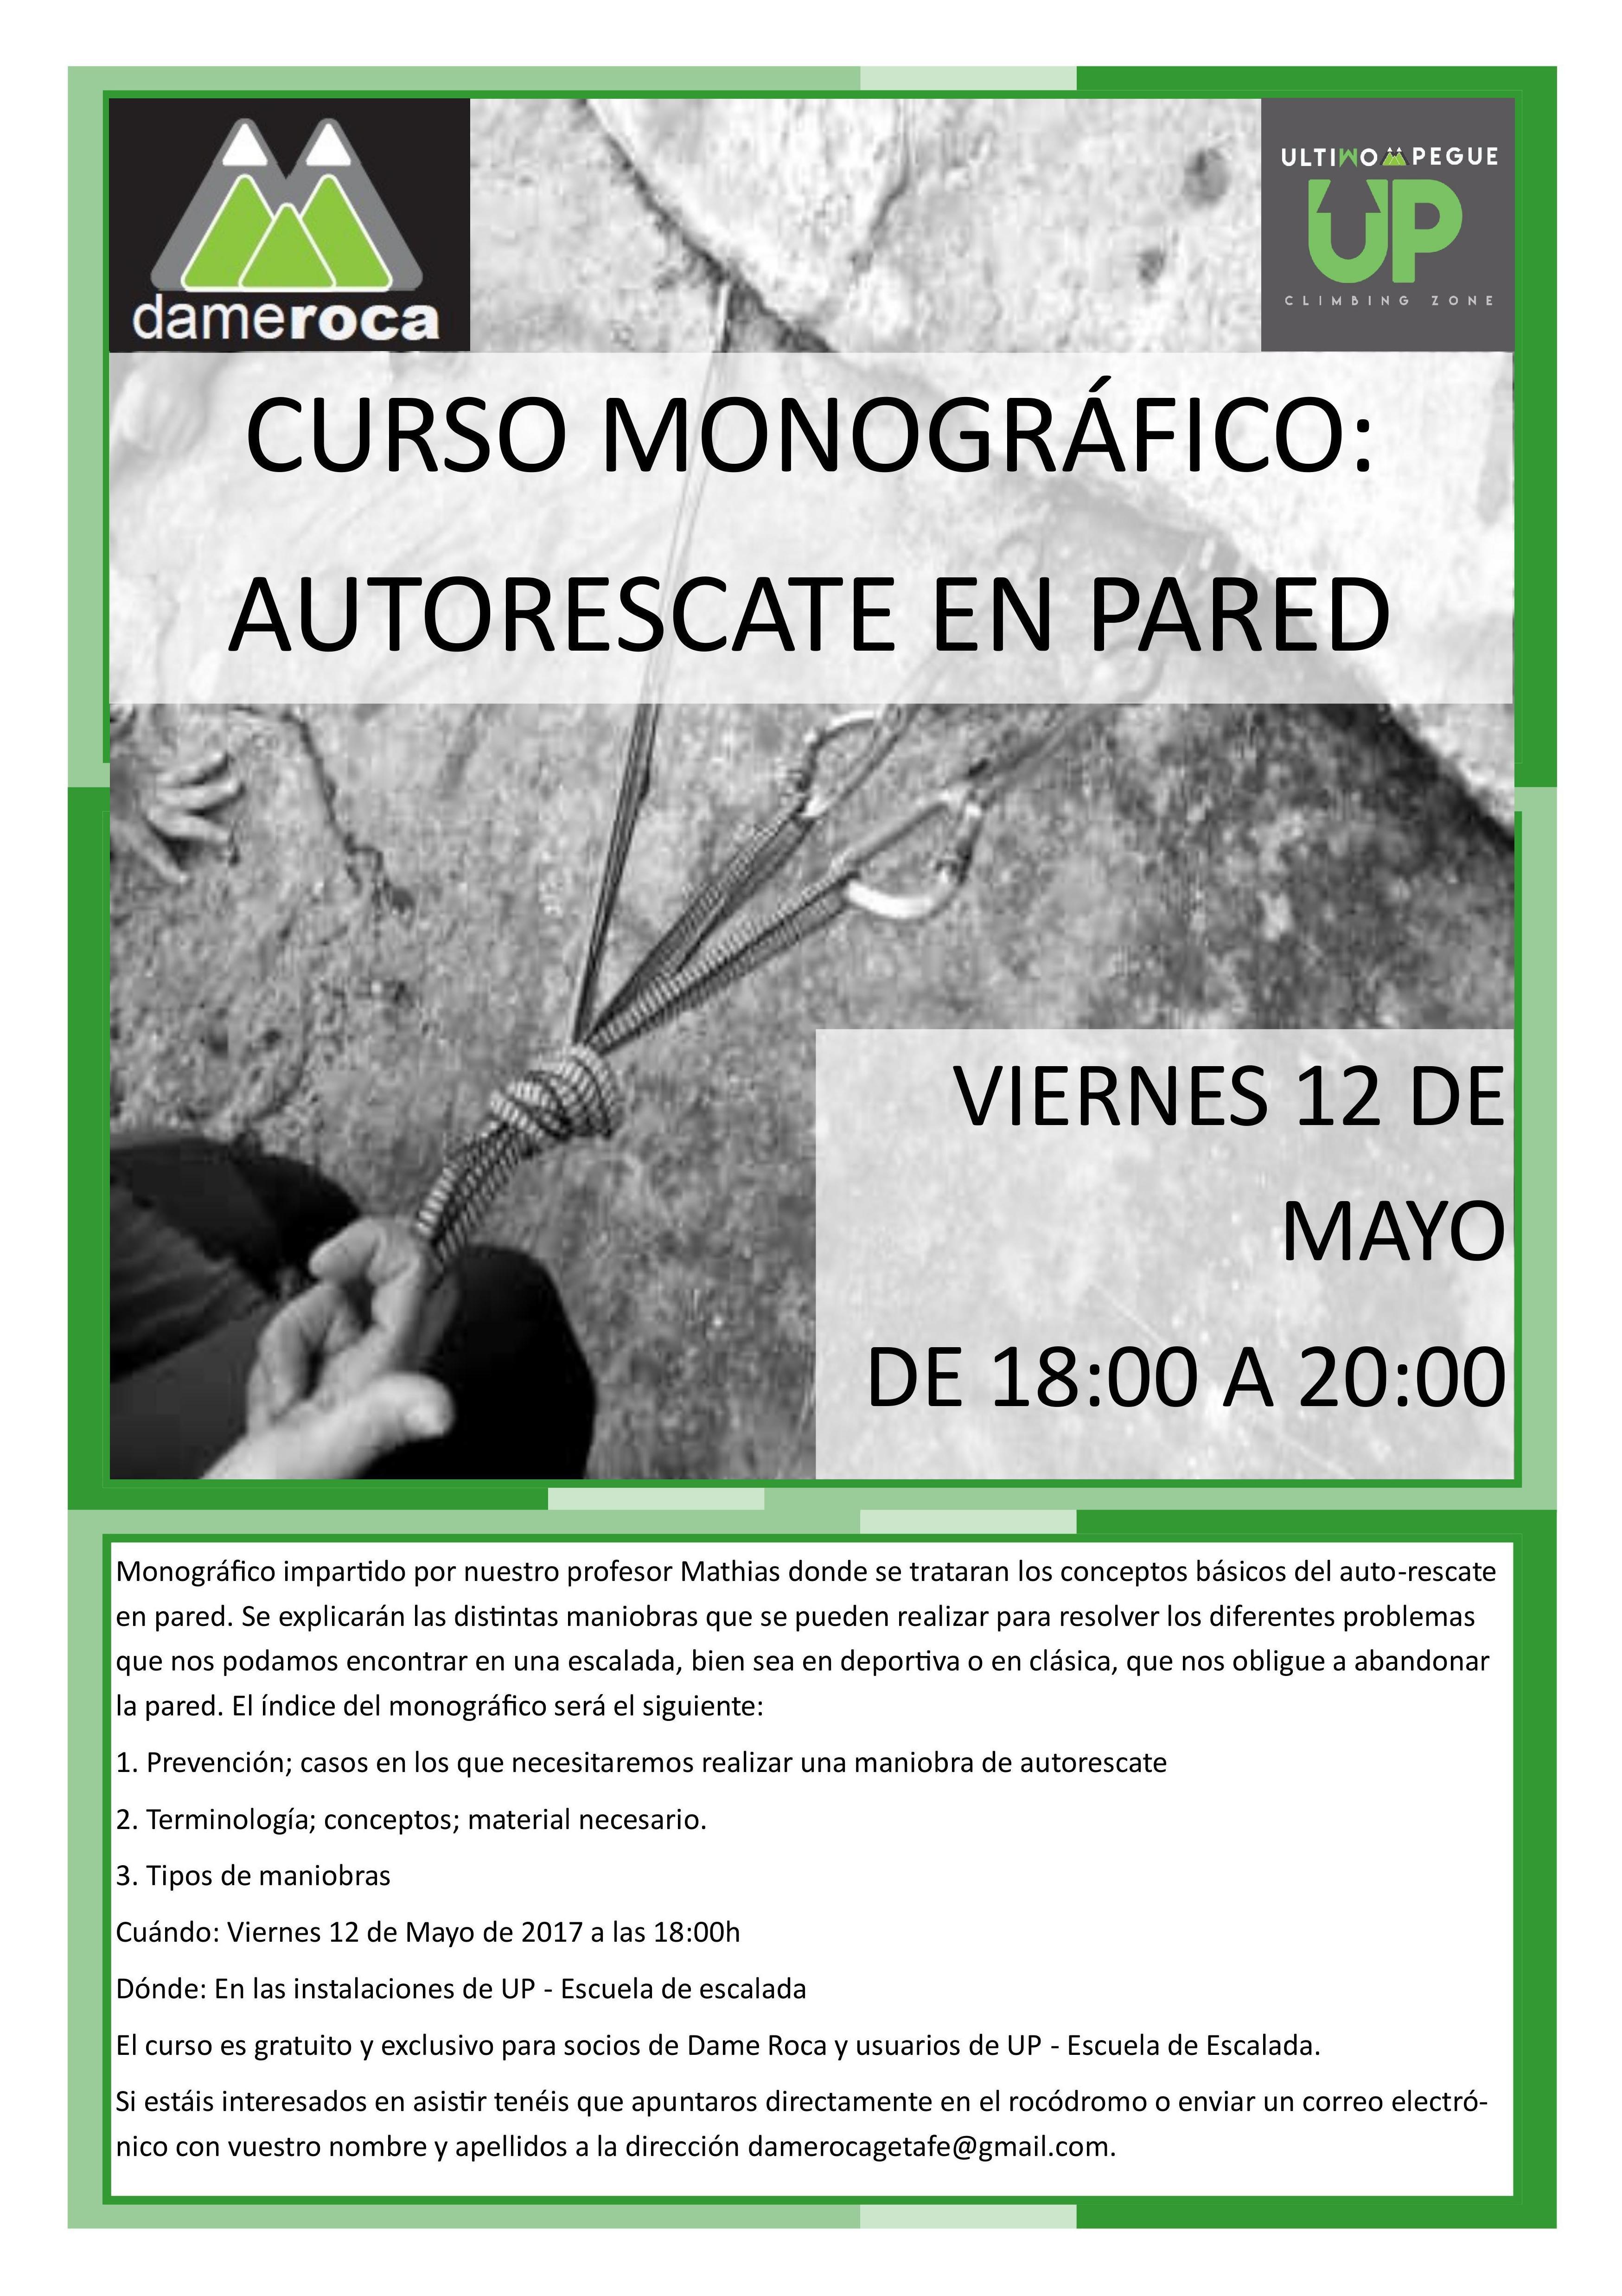 DAME ROCA EN UP ROCÓDROMO MADRID - GETAFE: PRIMER MONOGRAFÍCO